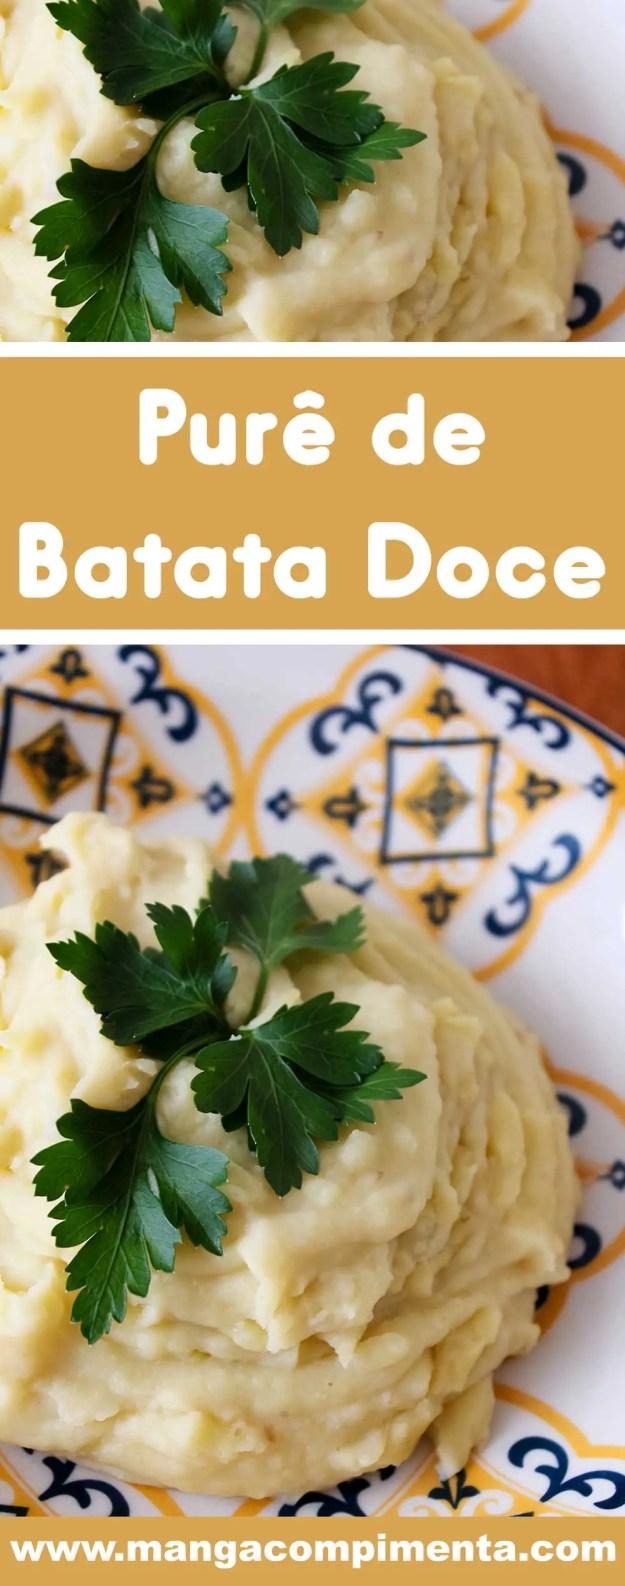 Receita de Purê de Batata Doce - prepare um prato delicioso e nutritivo na sua casa.